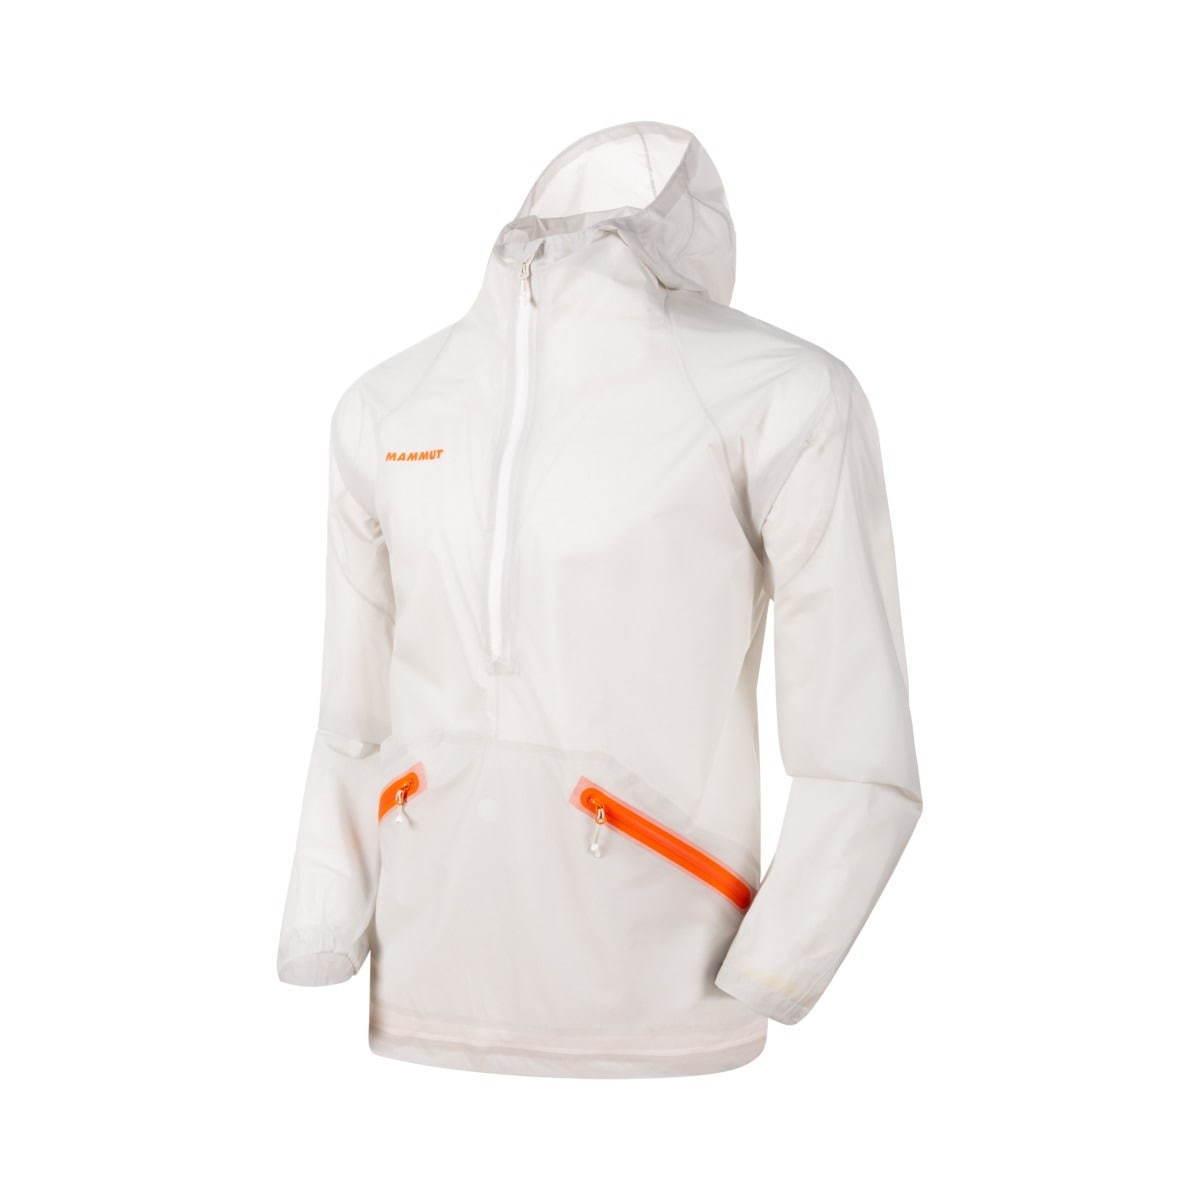 〈マムート〉超軽量の防水アノラックジャケット